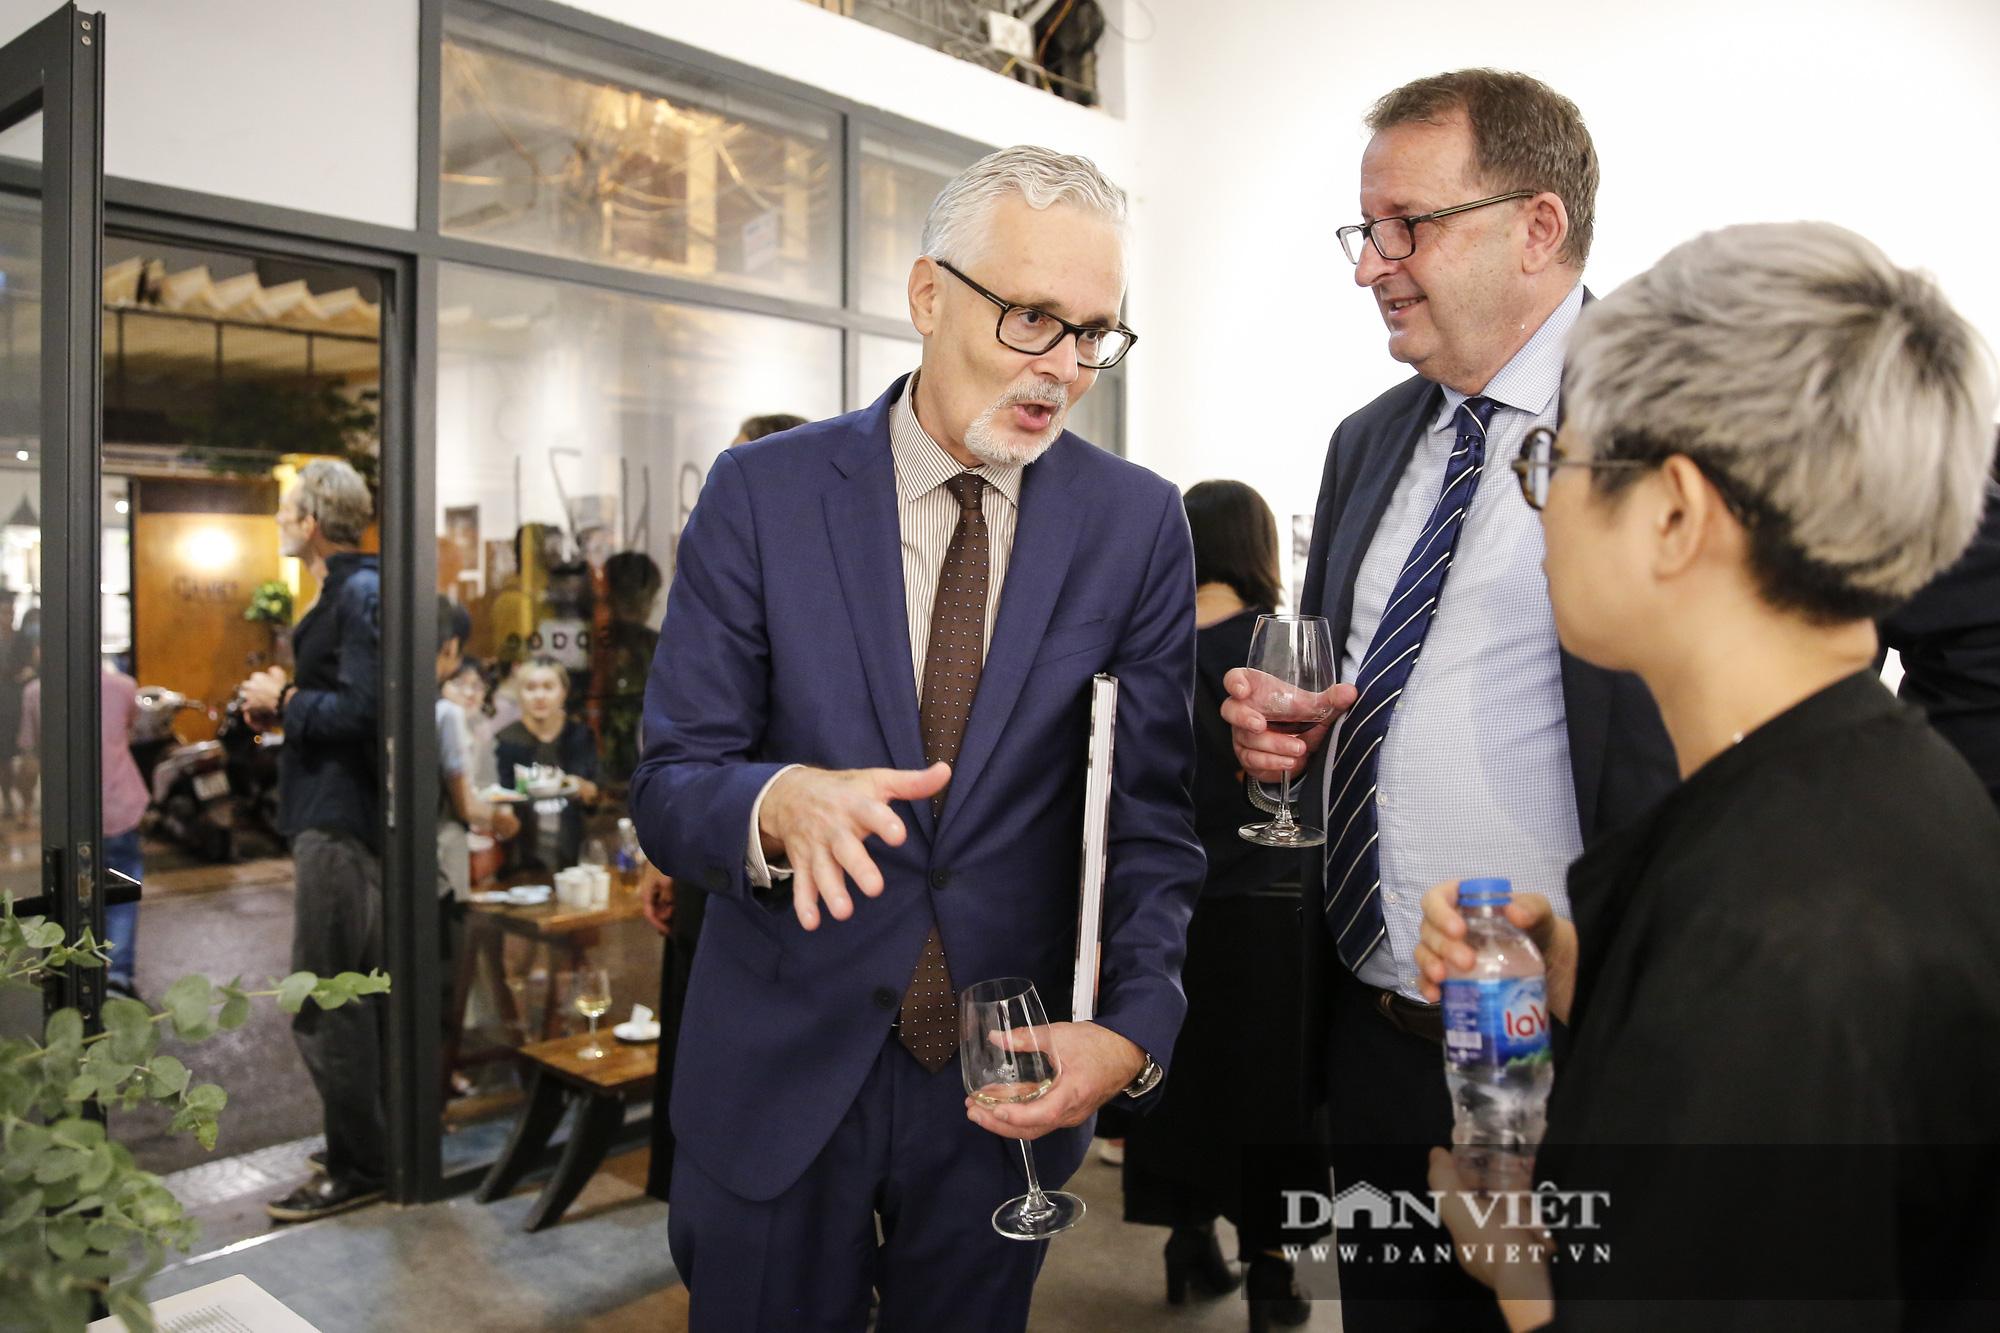 Đại sứ Đức tại Việt Nam tham dự triển lãm ảnh đặc biệt về Hà Nội - Ảnh 2.